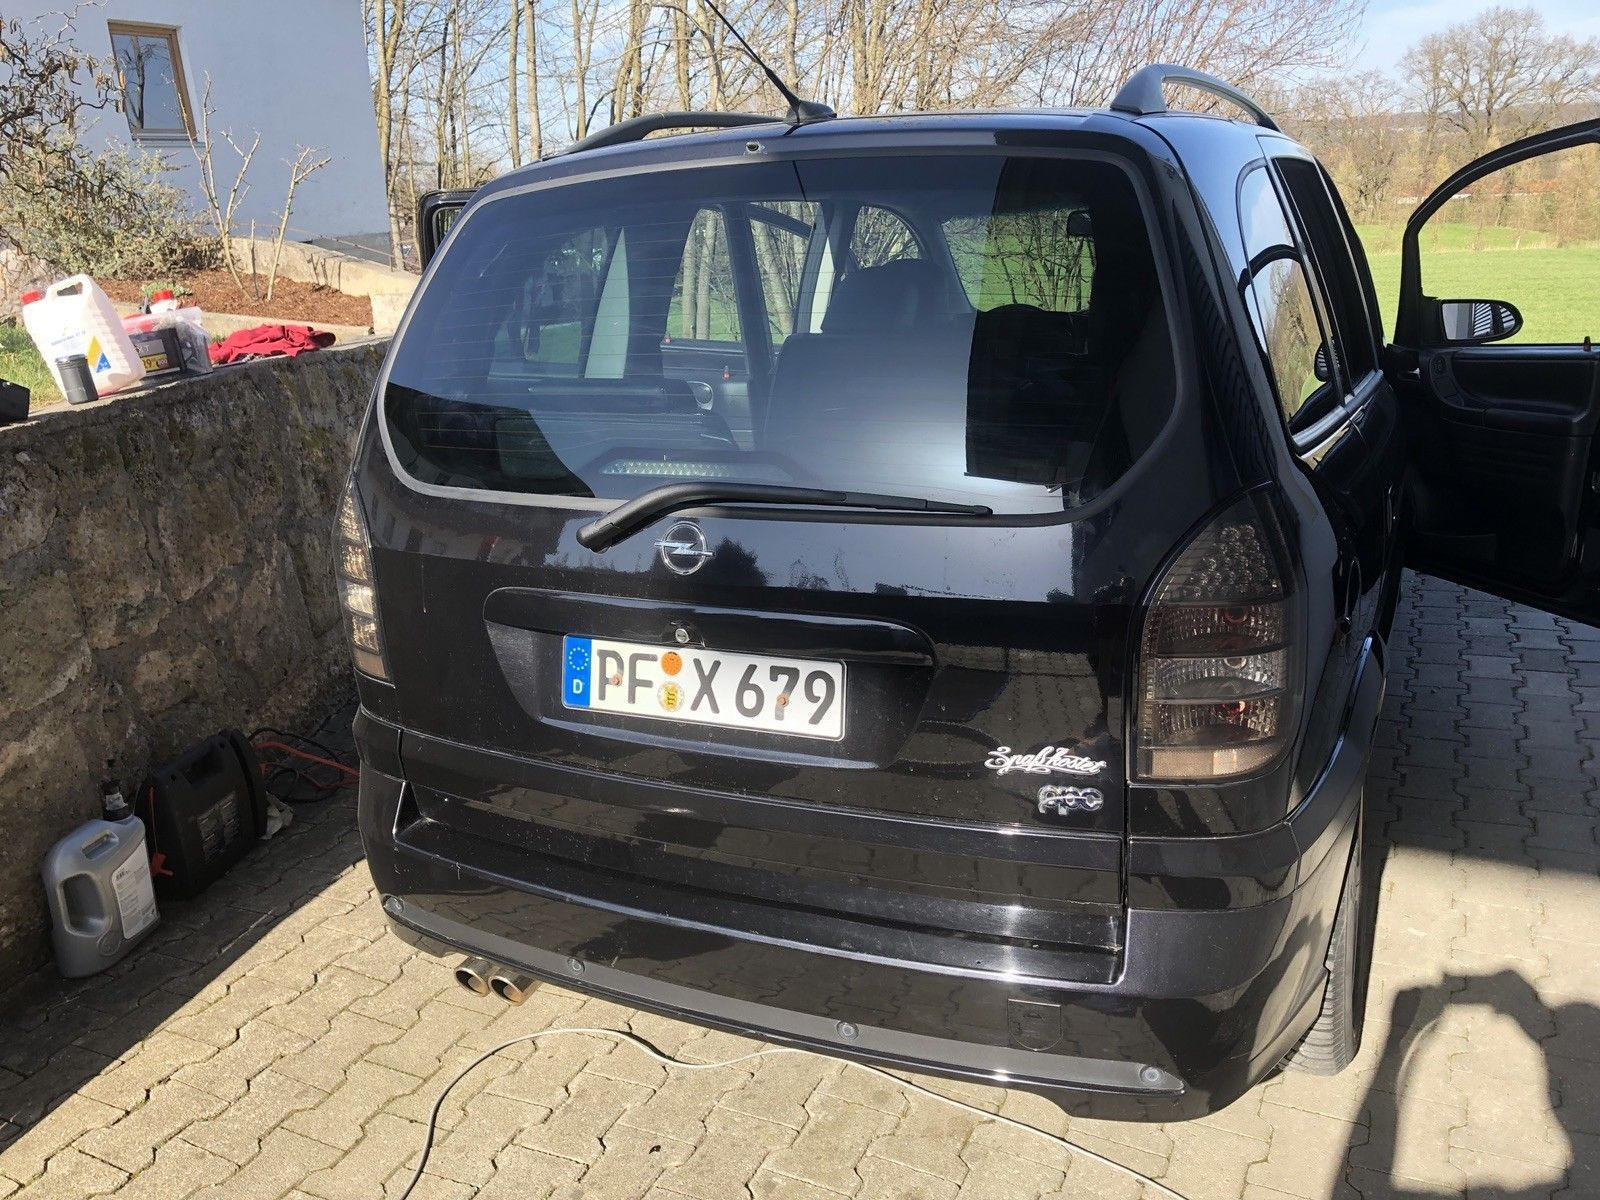 Ebay De Mobiles Gunstiger Opel Zafira A Opc Abonnenten